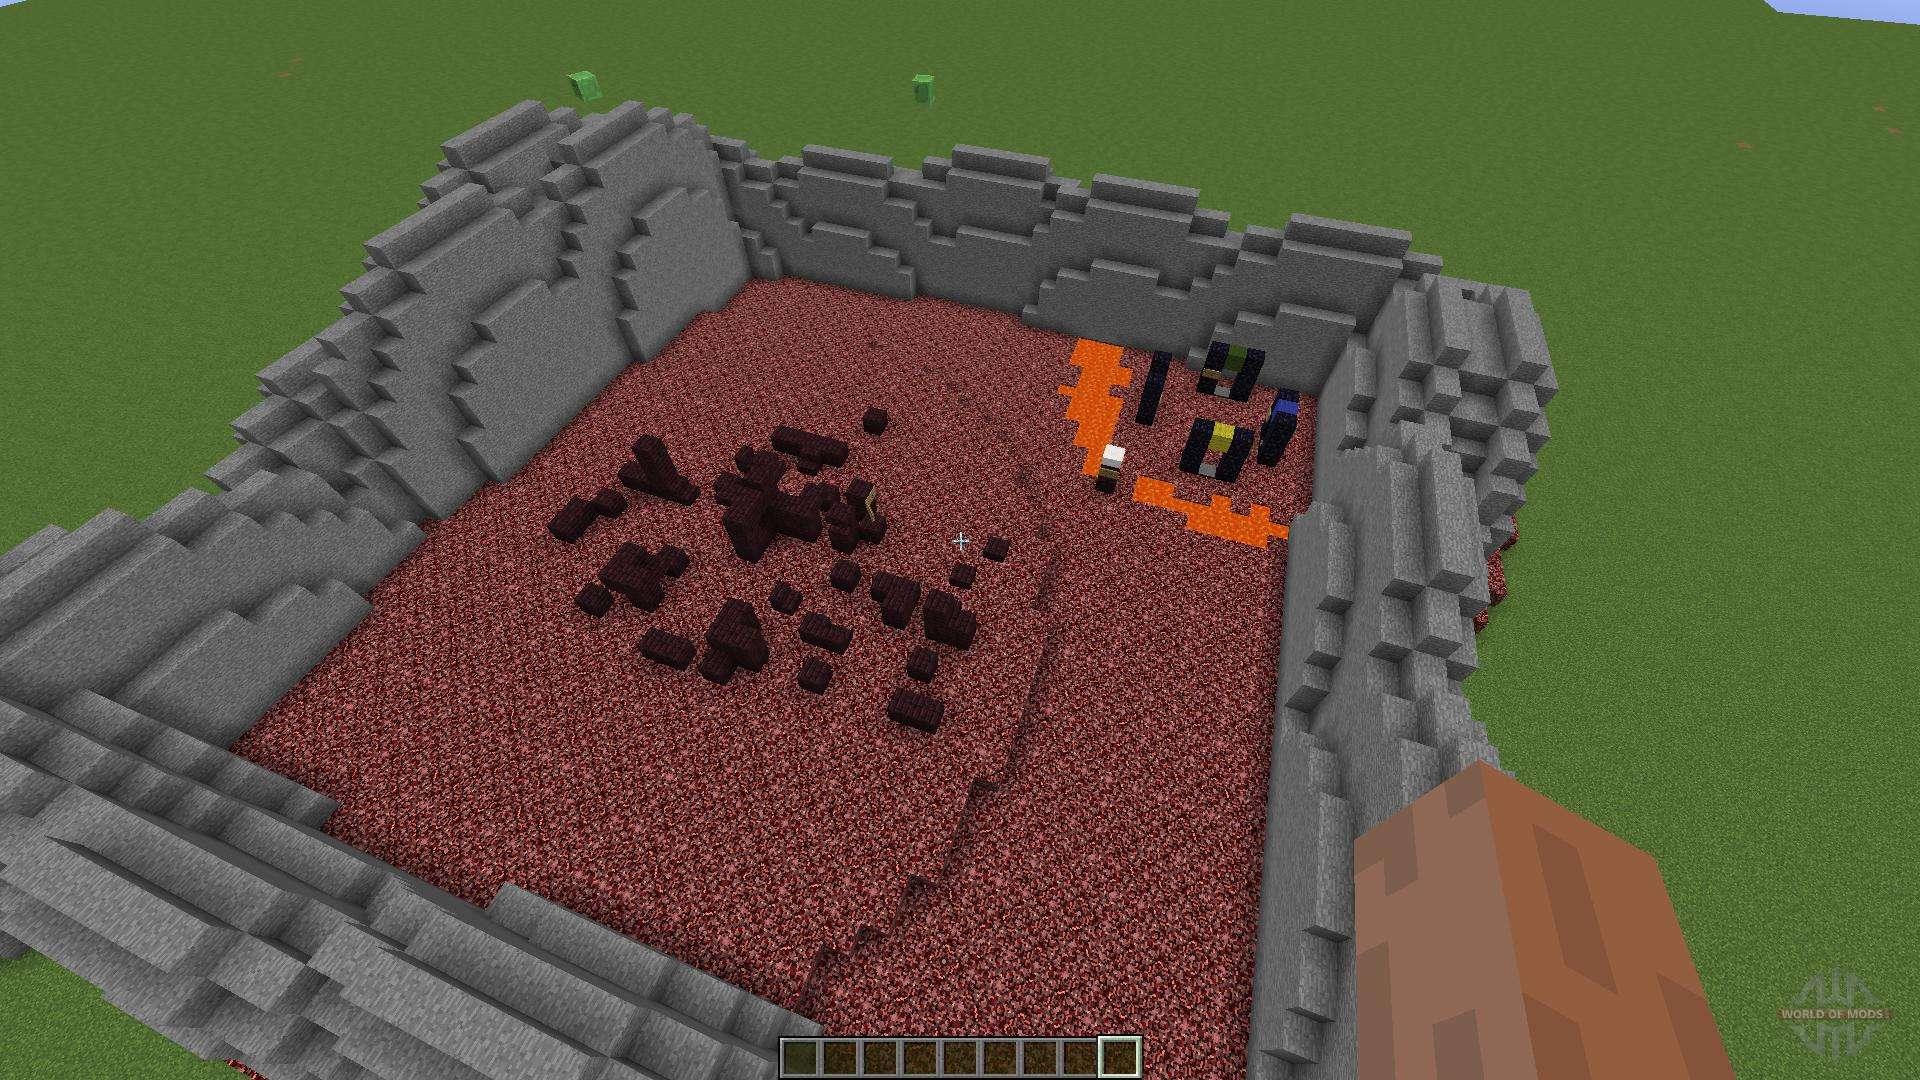 Minecraft Bedwars Map Download 1 8 - Jepen Gel v